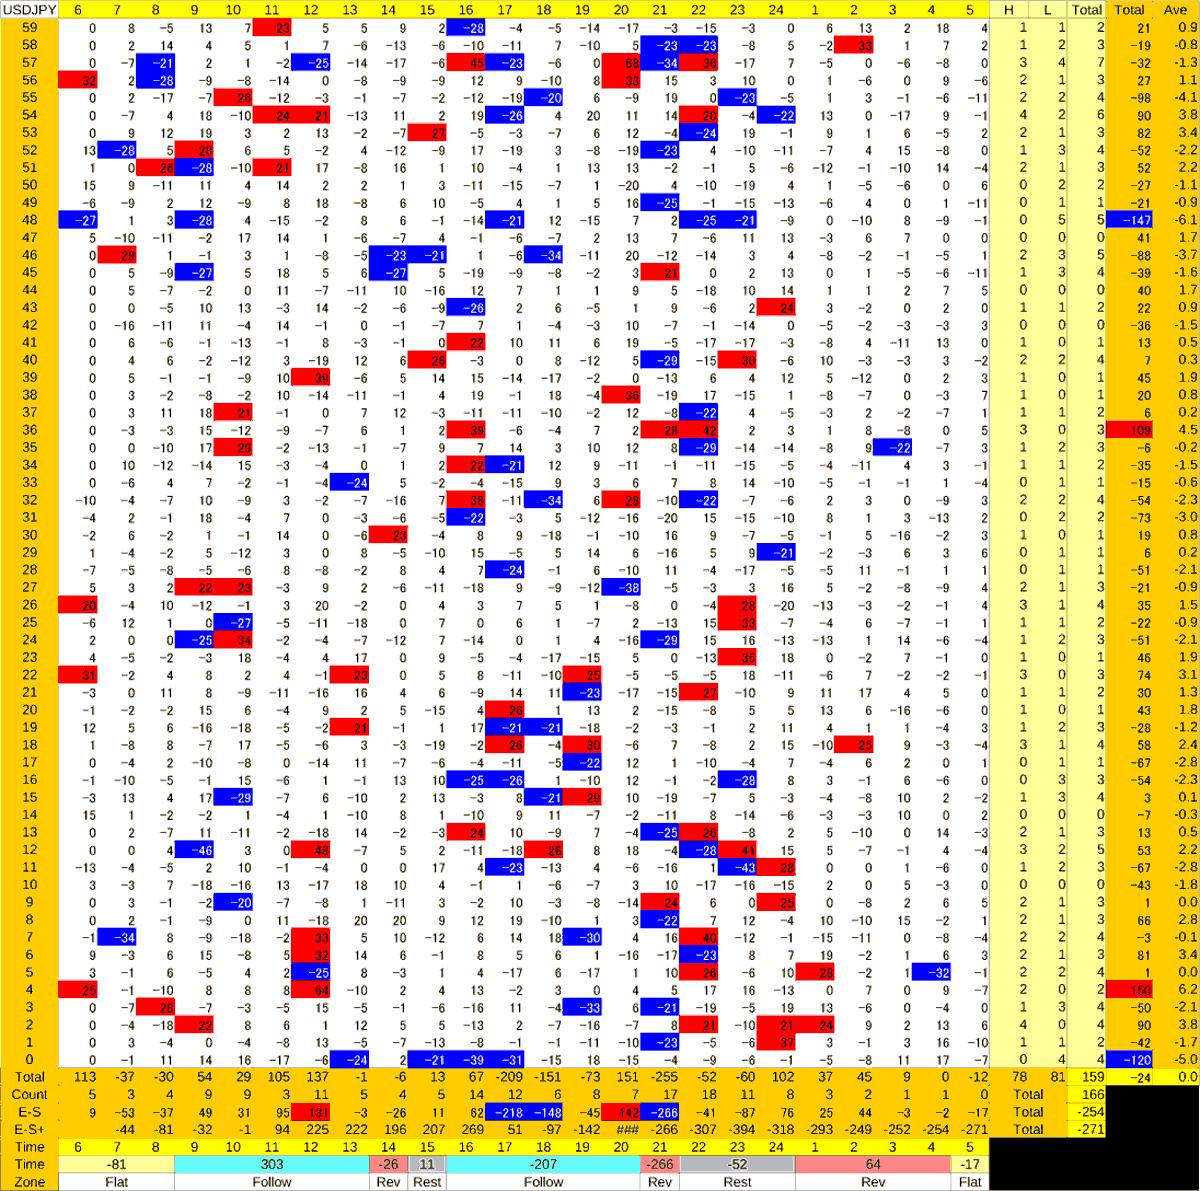 20200728_HS(1)USDJPY